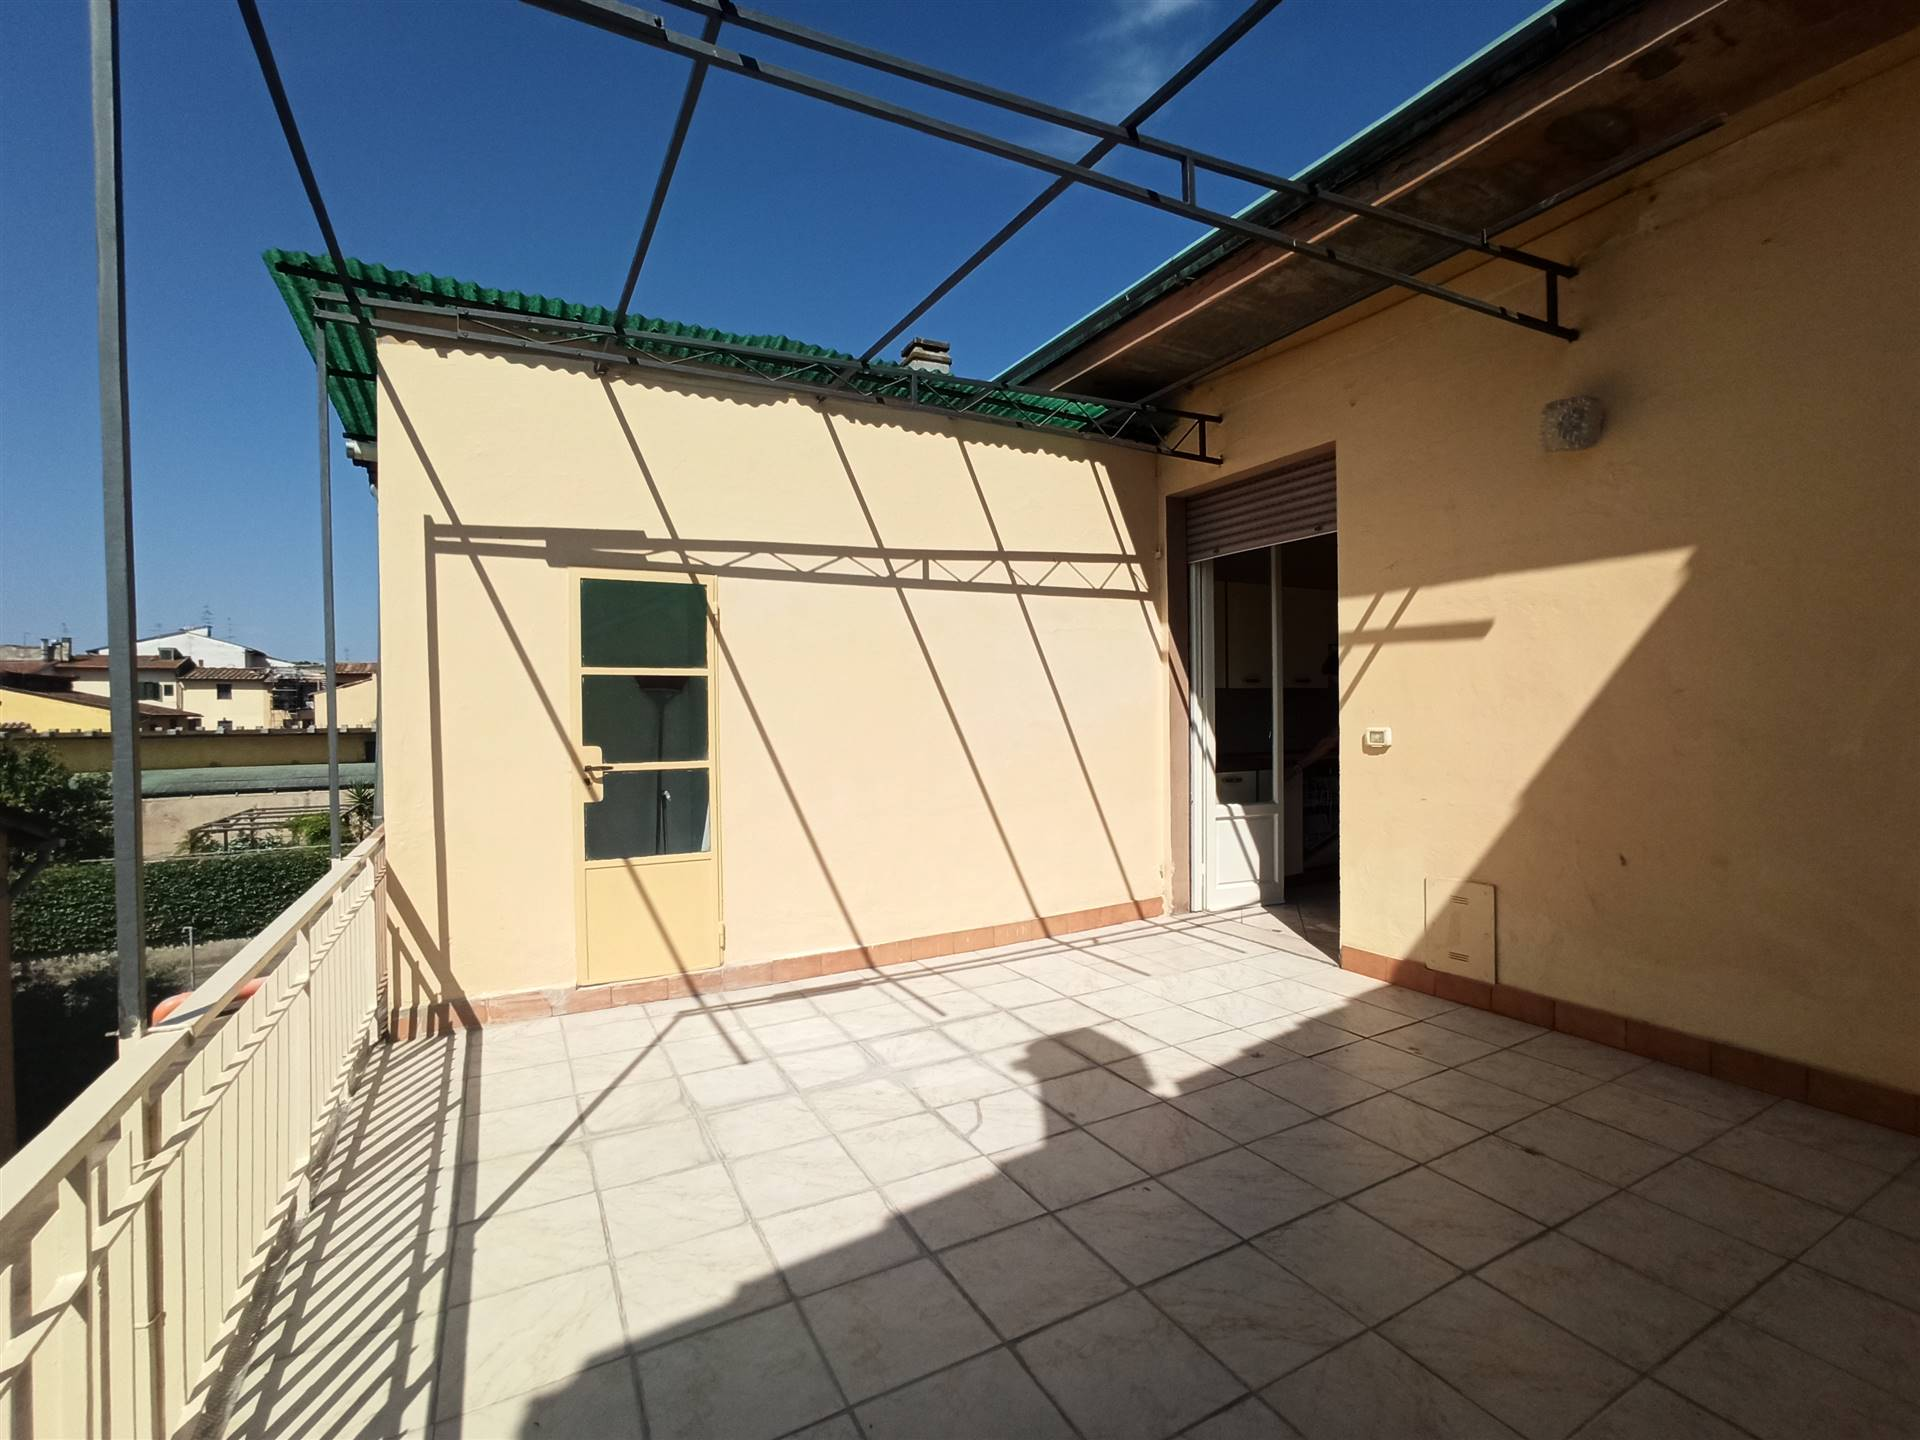 Campi Bisenzio, località San Donnino, in contesto tranquillo e ben servito, a due passi dalla periferia di Firenze, proponiamo in vendita un LUMINOSO